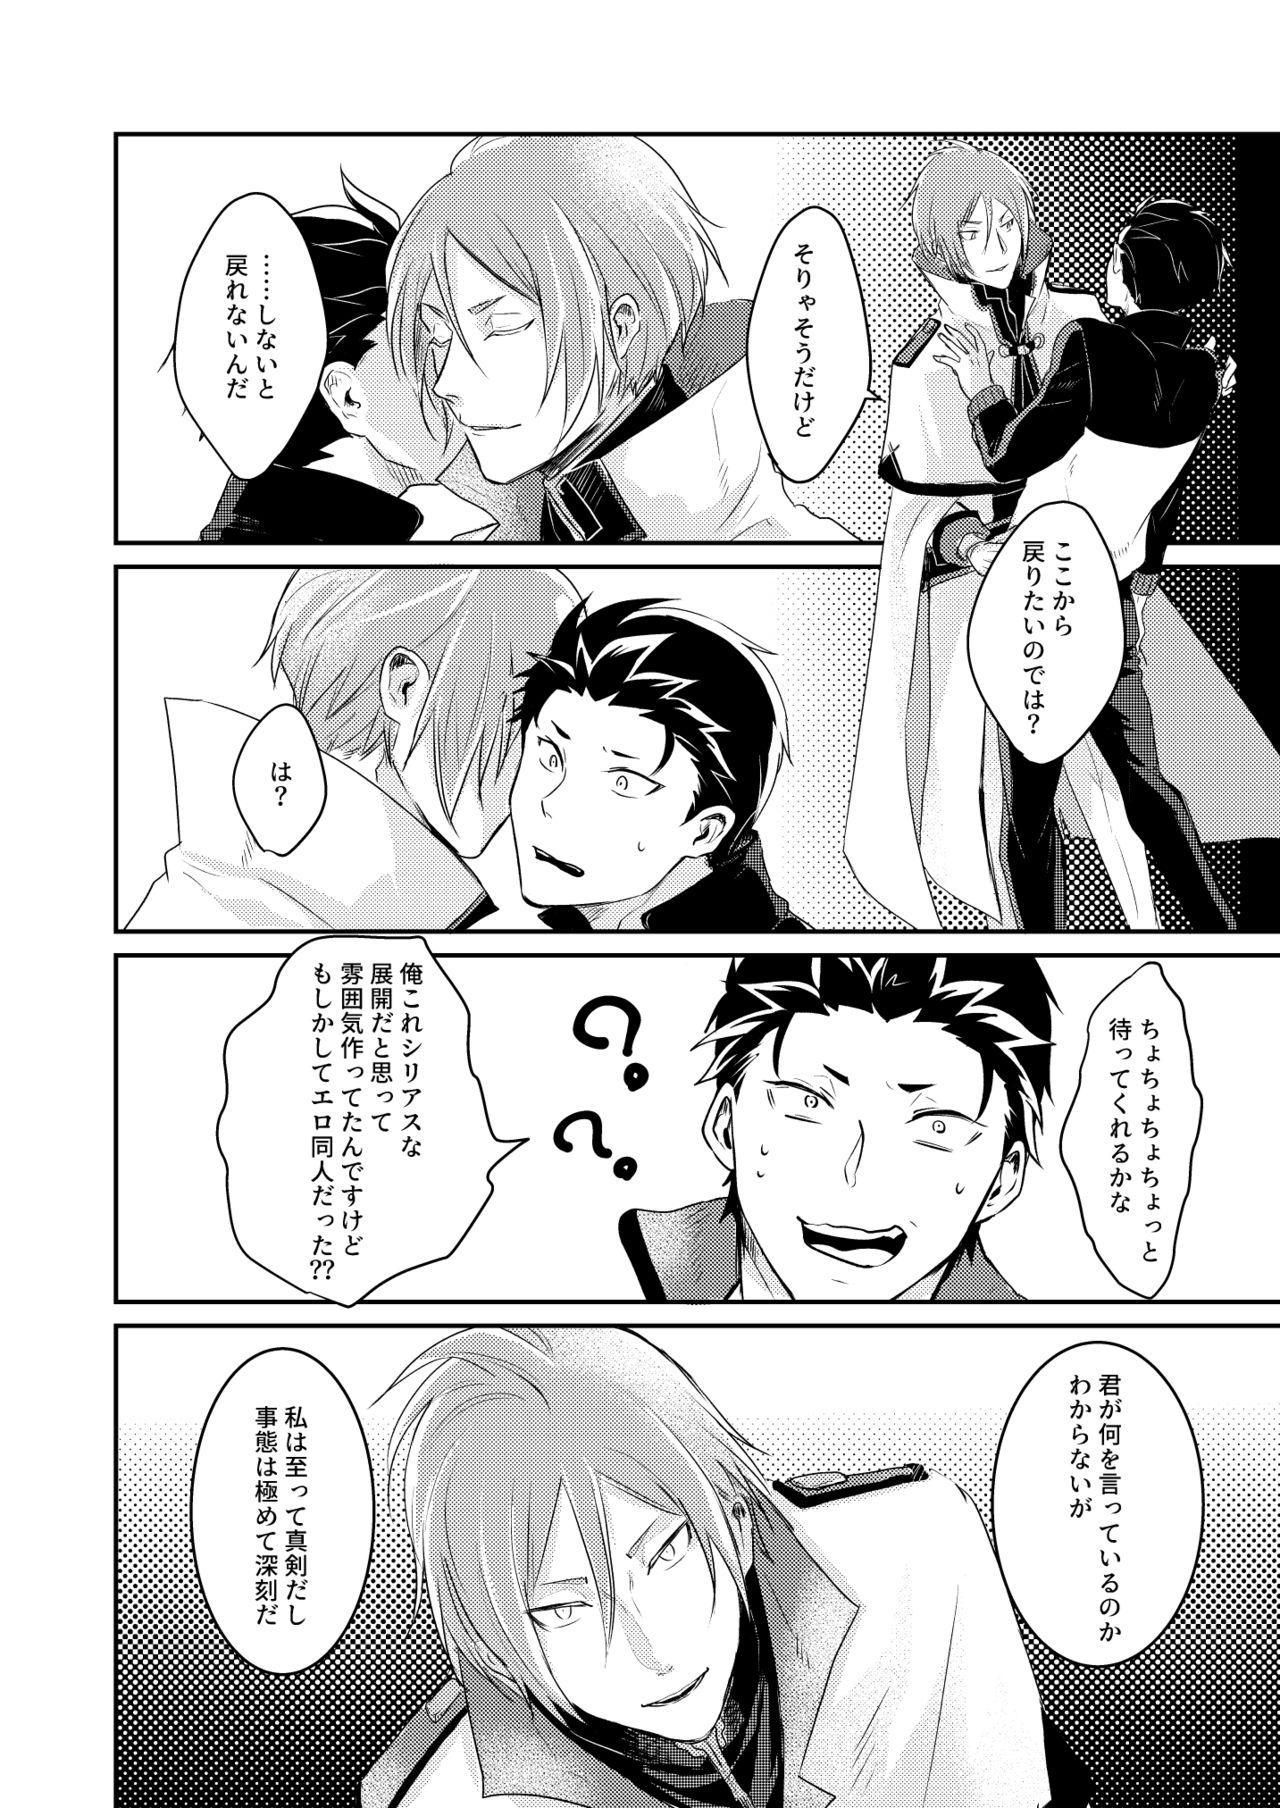 Sex Shinai to Modorenai 8